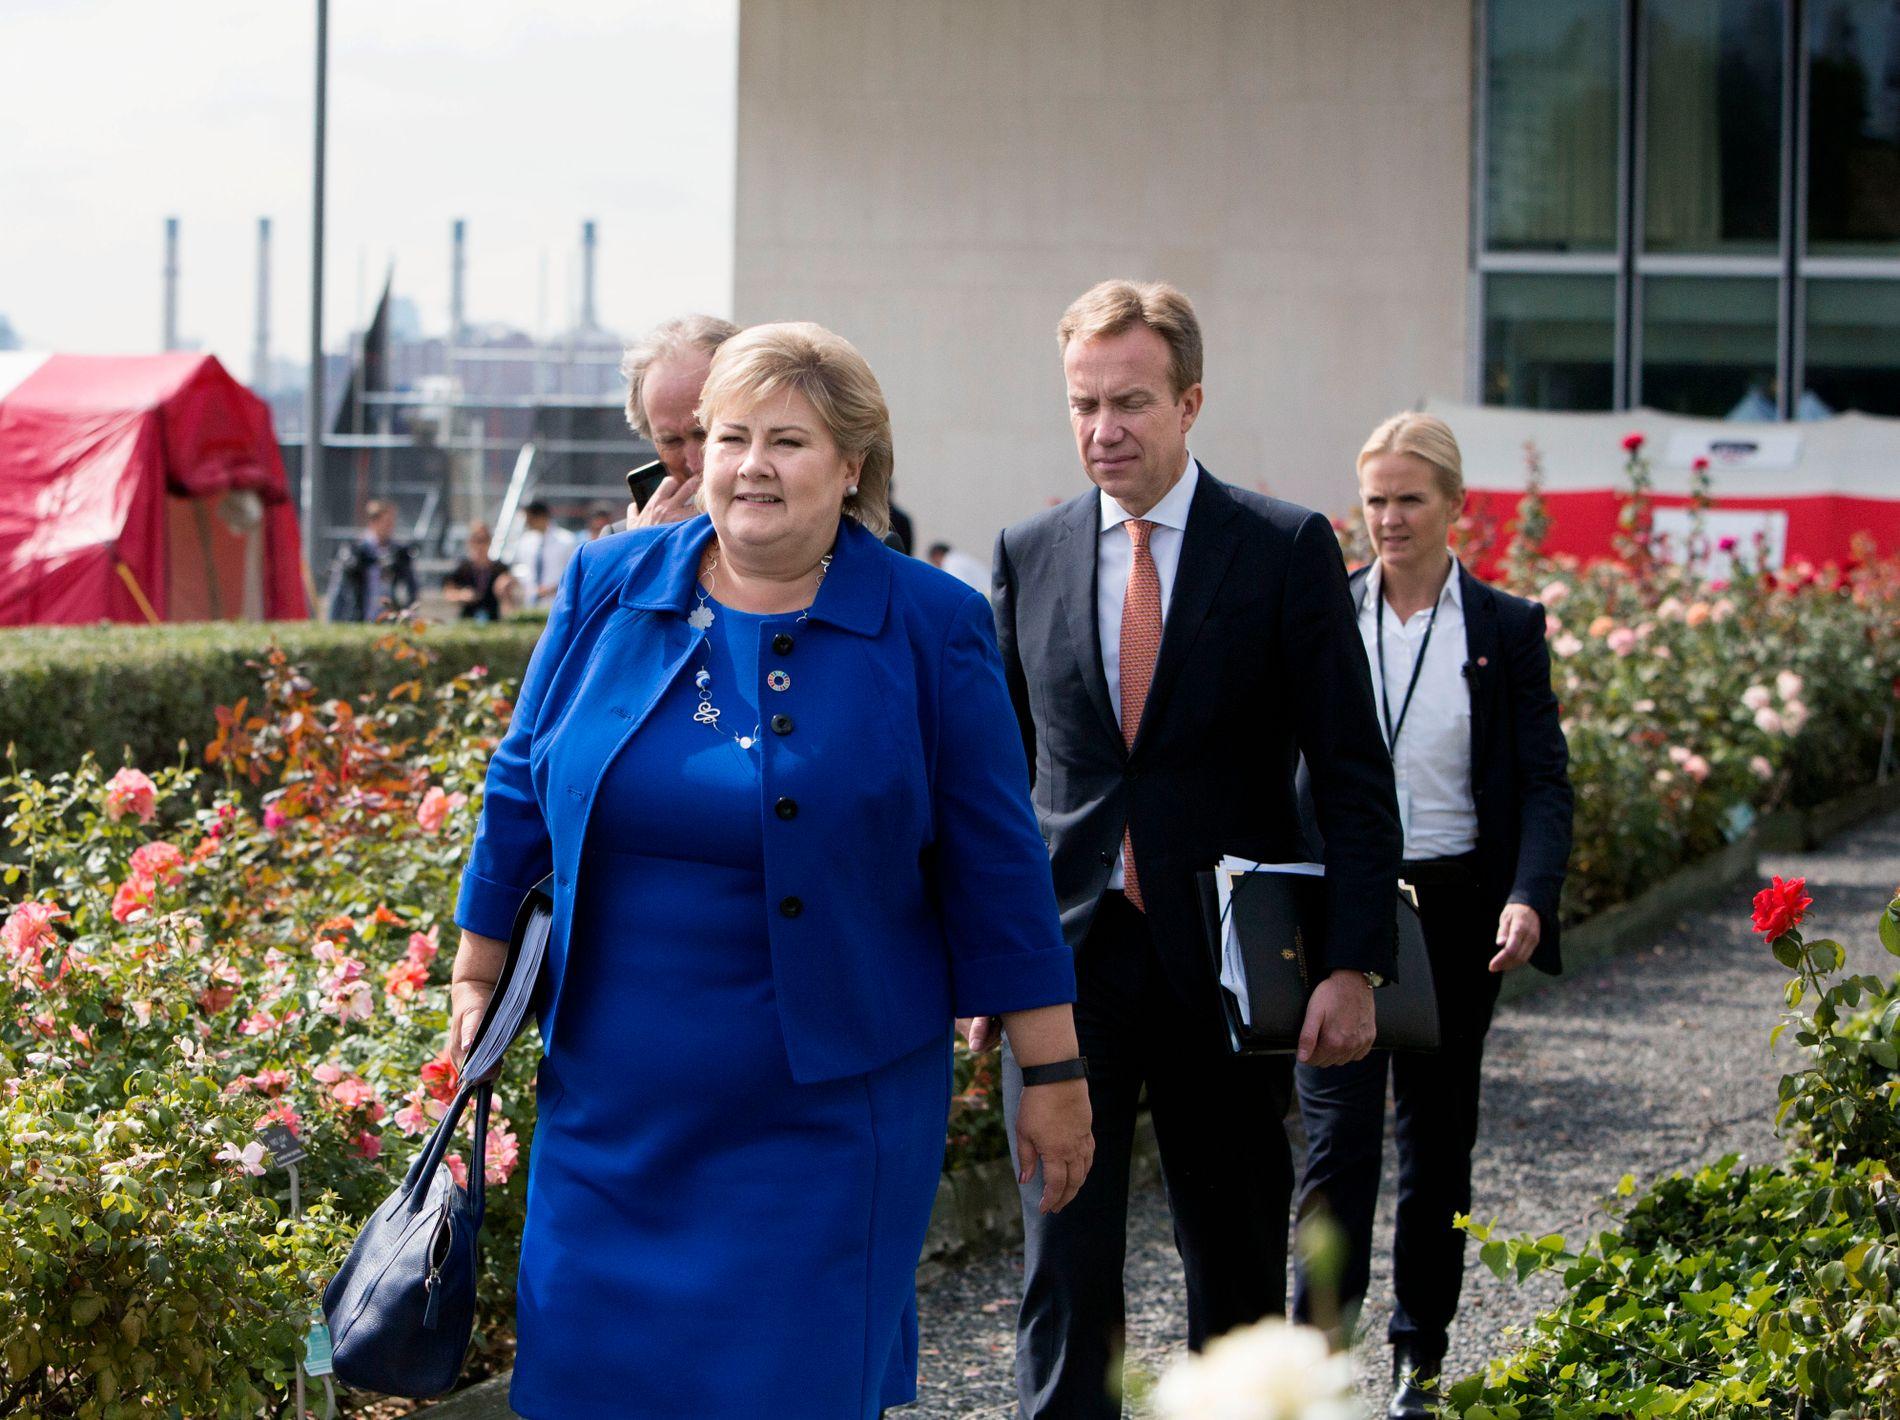 SEIER FOR REGJERINGEN: Da statsminister Erna Solberg i dag kunngjorde at diplomatisk arbeid har ført fram, og at Norge nå normaliserer forholdet til Kina, høstet hun gratulasjoner i Stortinget.